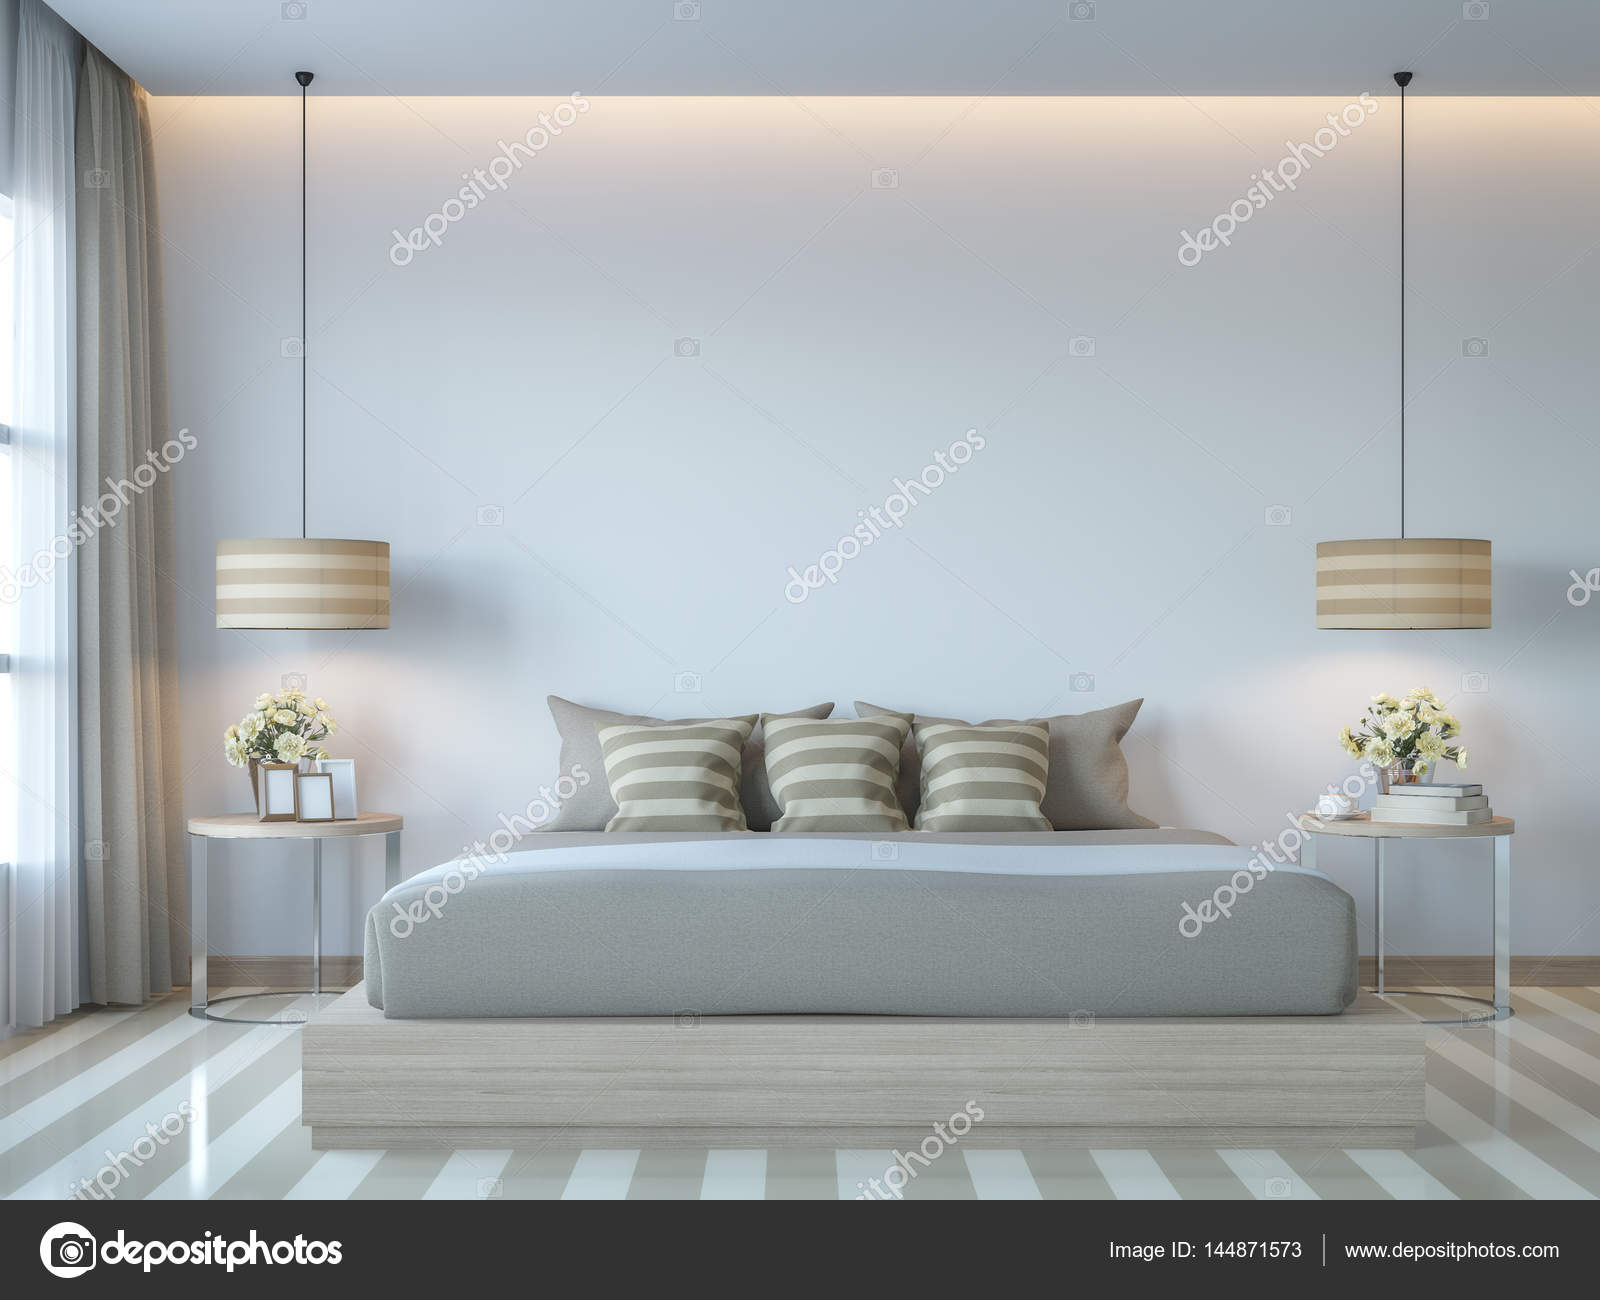 Camere Da Letto Stile Minimalista : Bianco moderno camera da letto stile minimal rendering d immagine